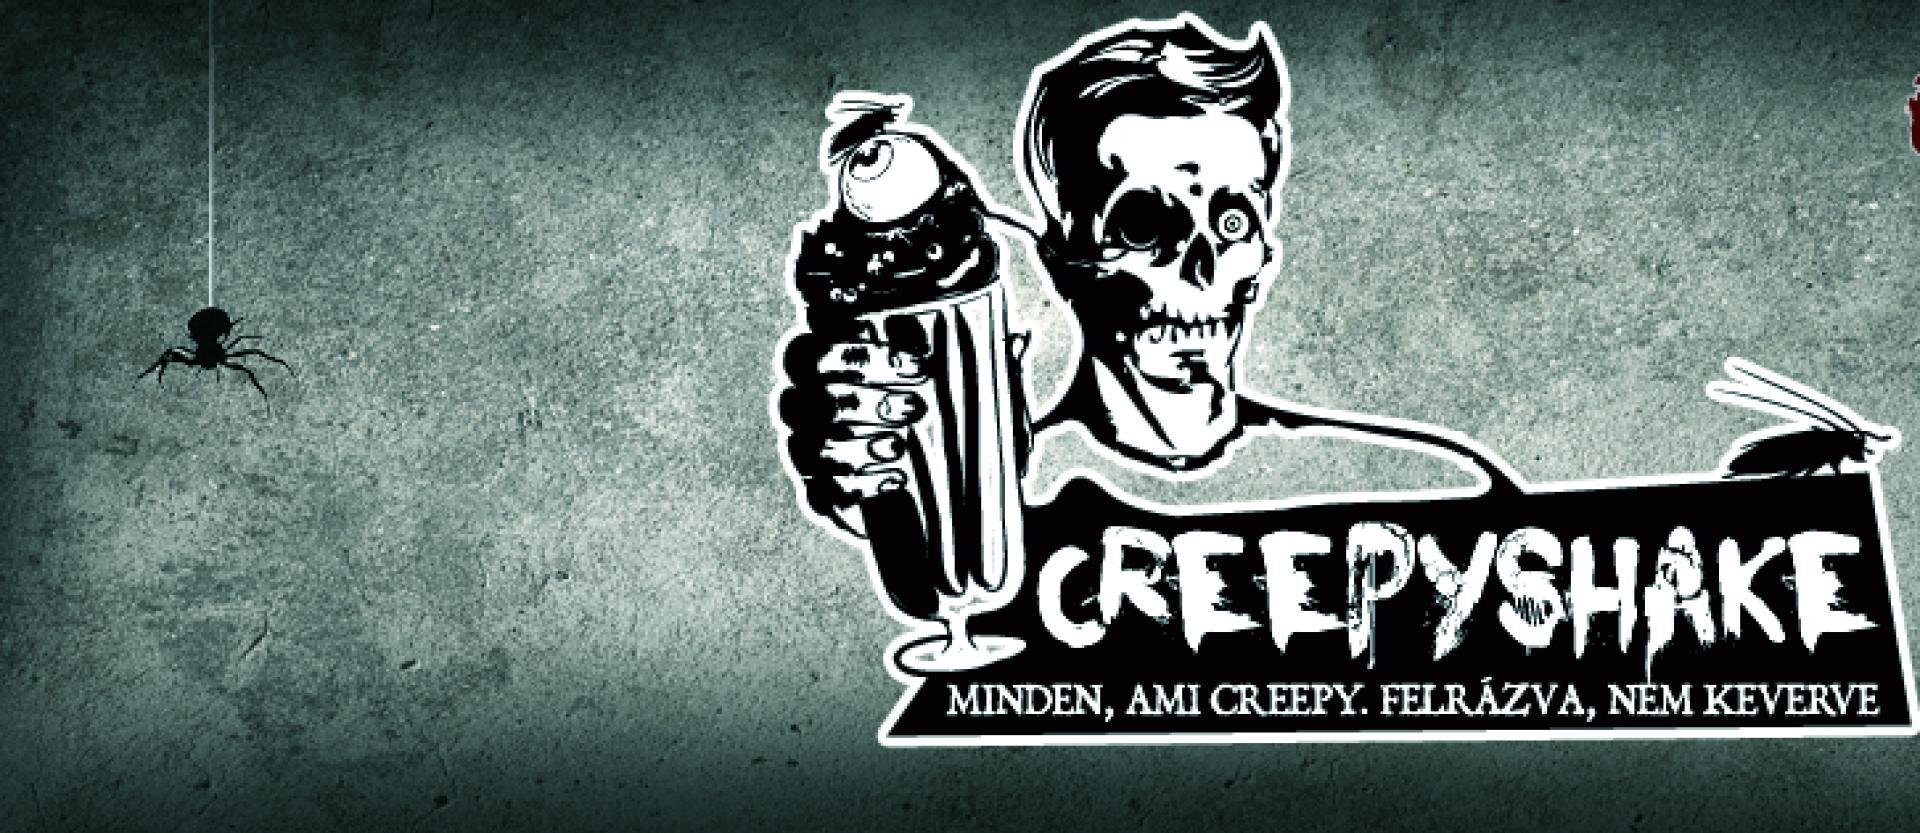 Creepy kedvencek 2017. július